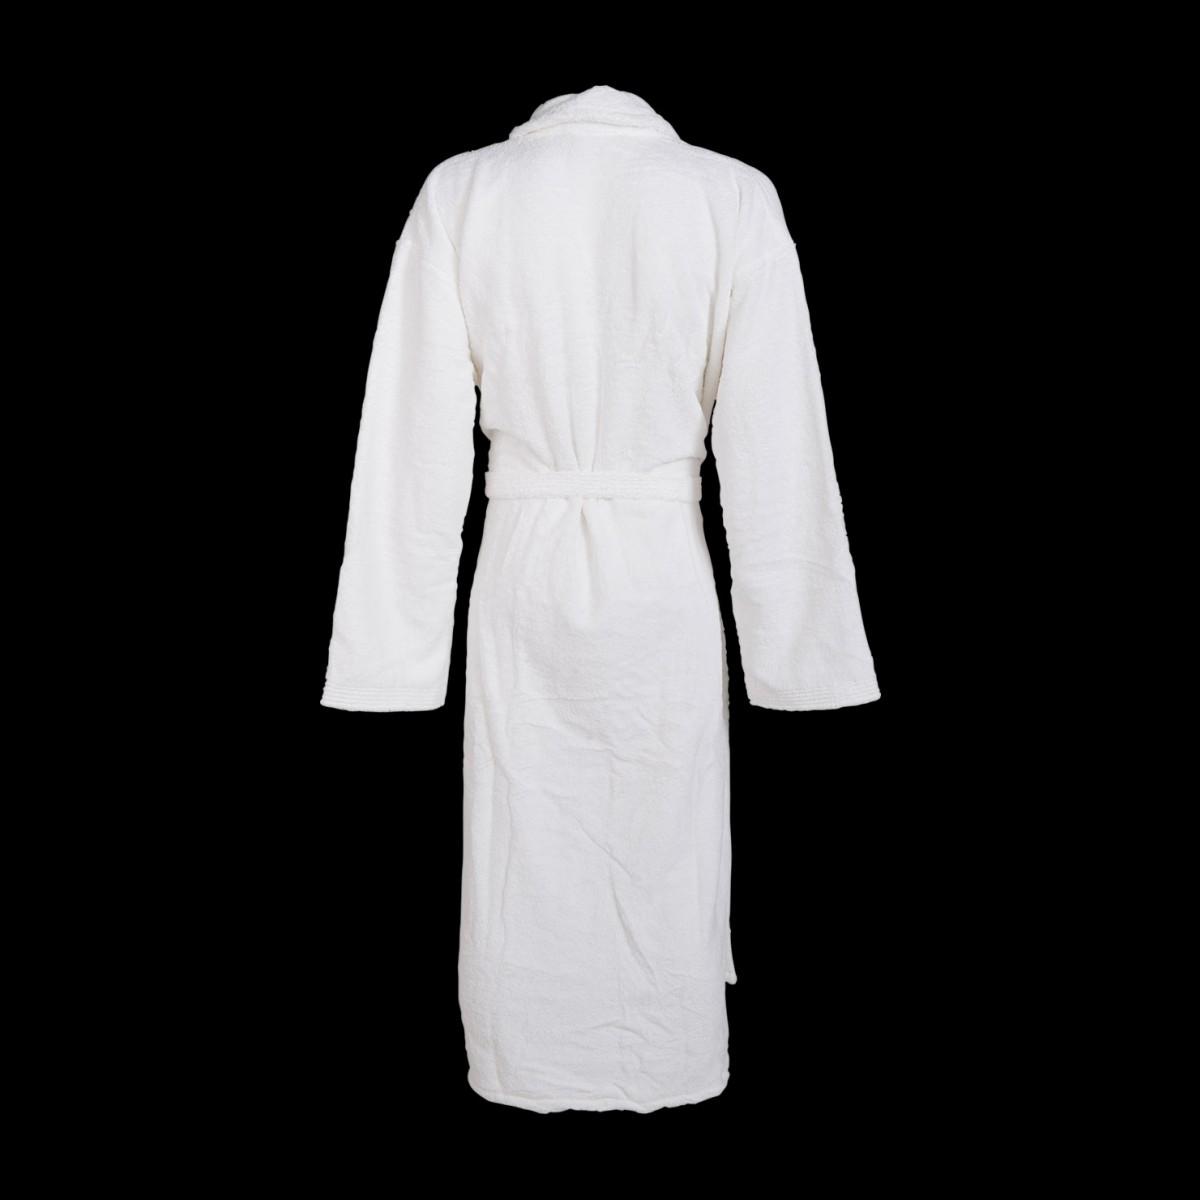 Grote maten badjas wit